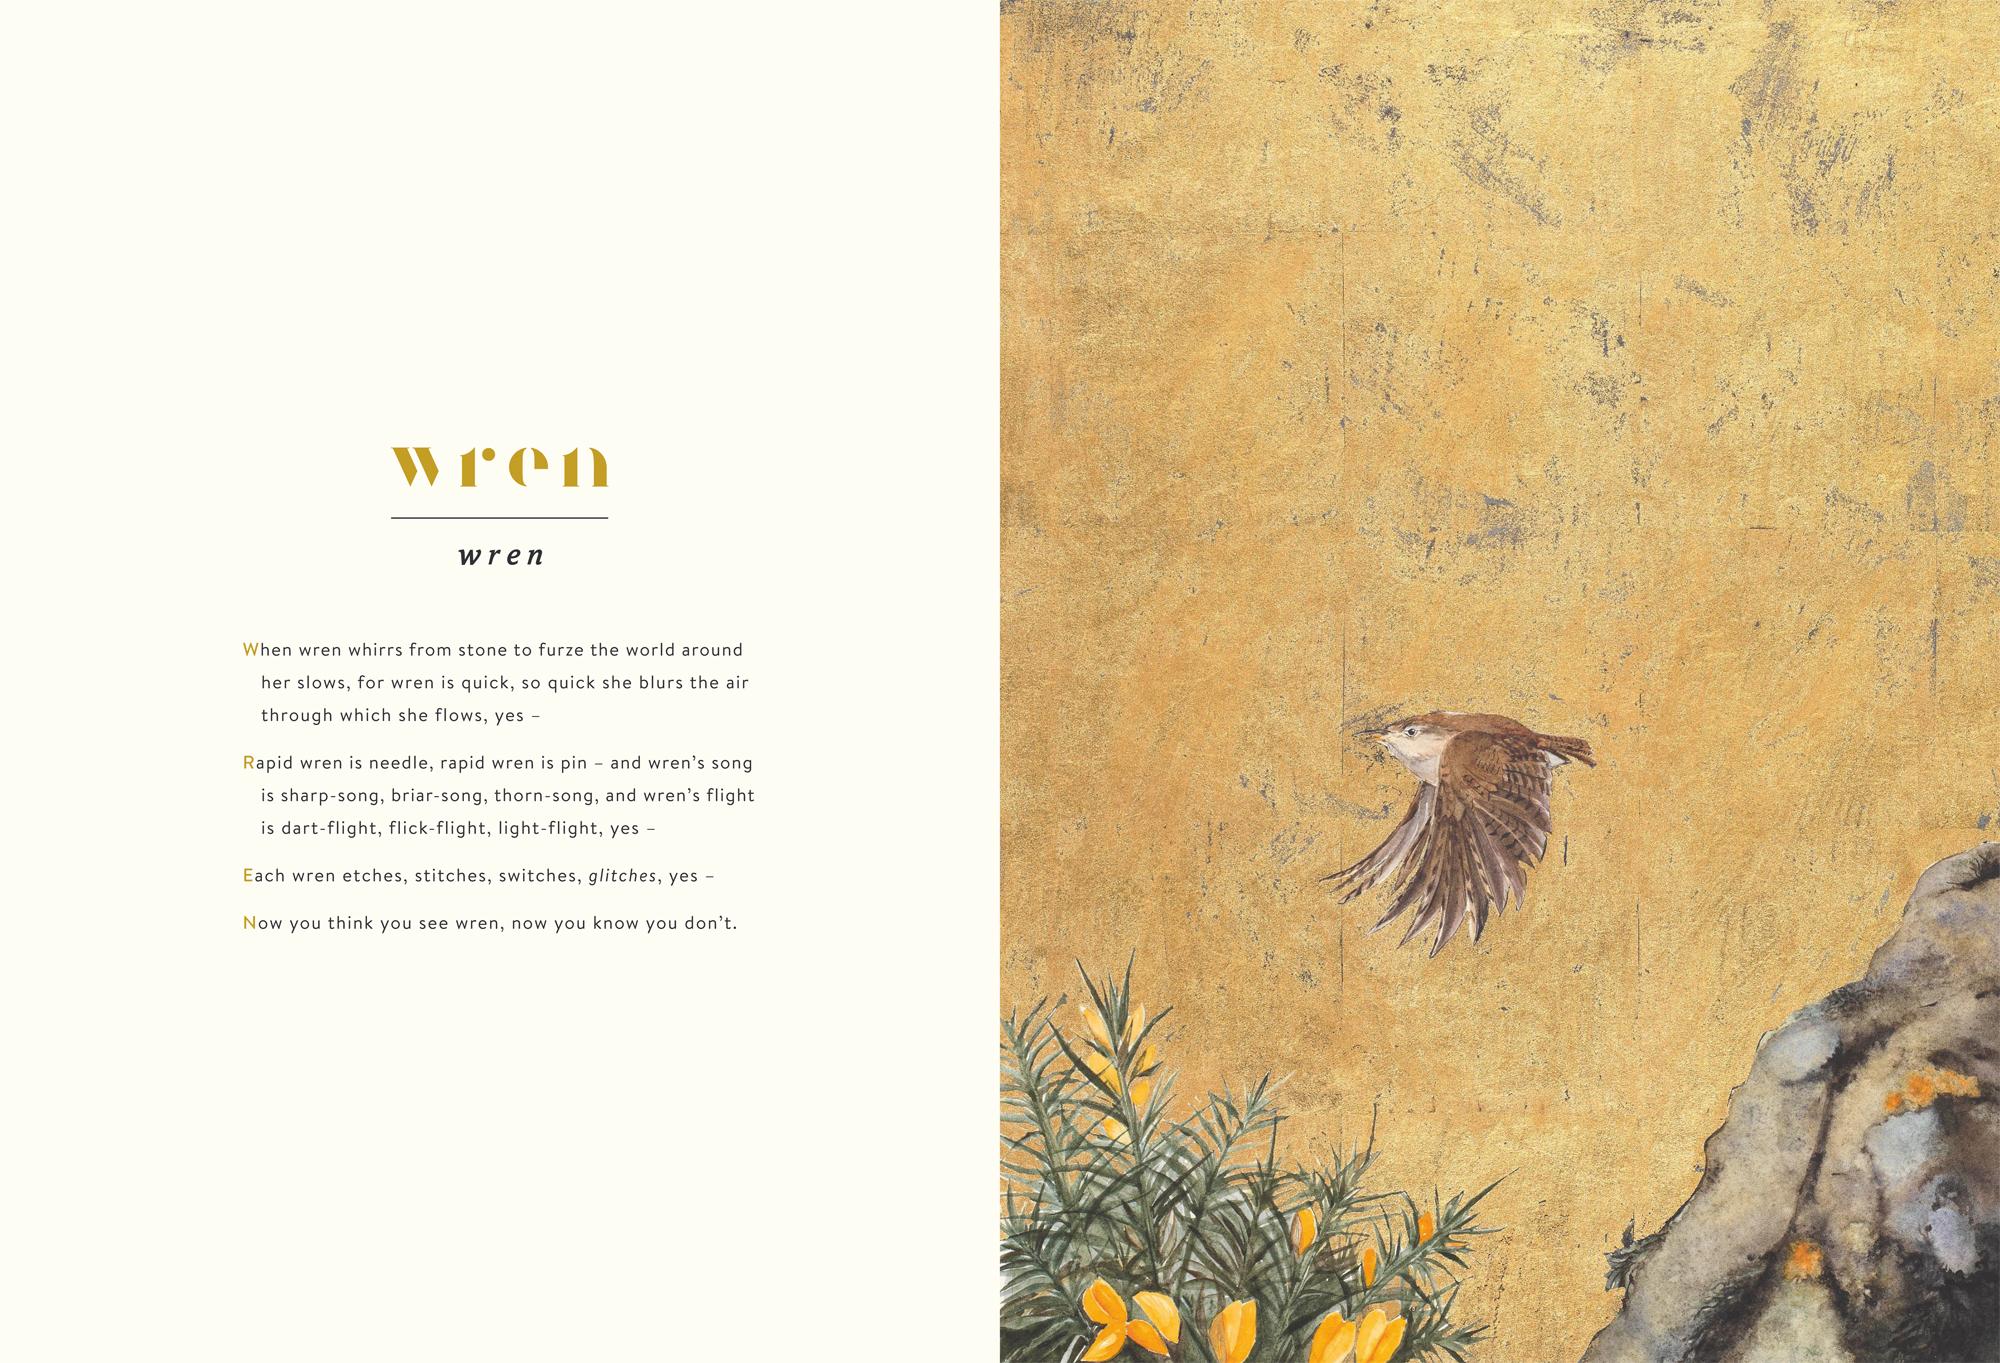 Wren © Jackie Morris & Robert Macfarlane